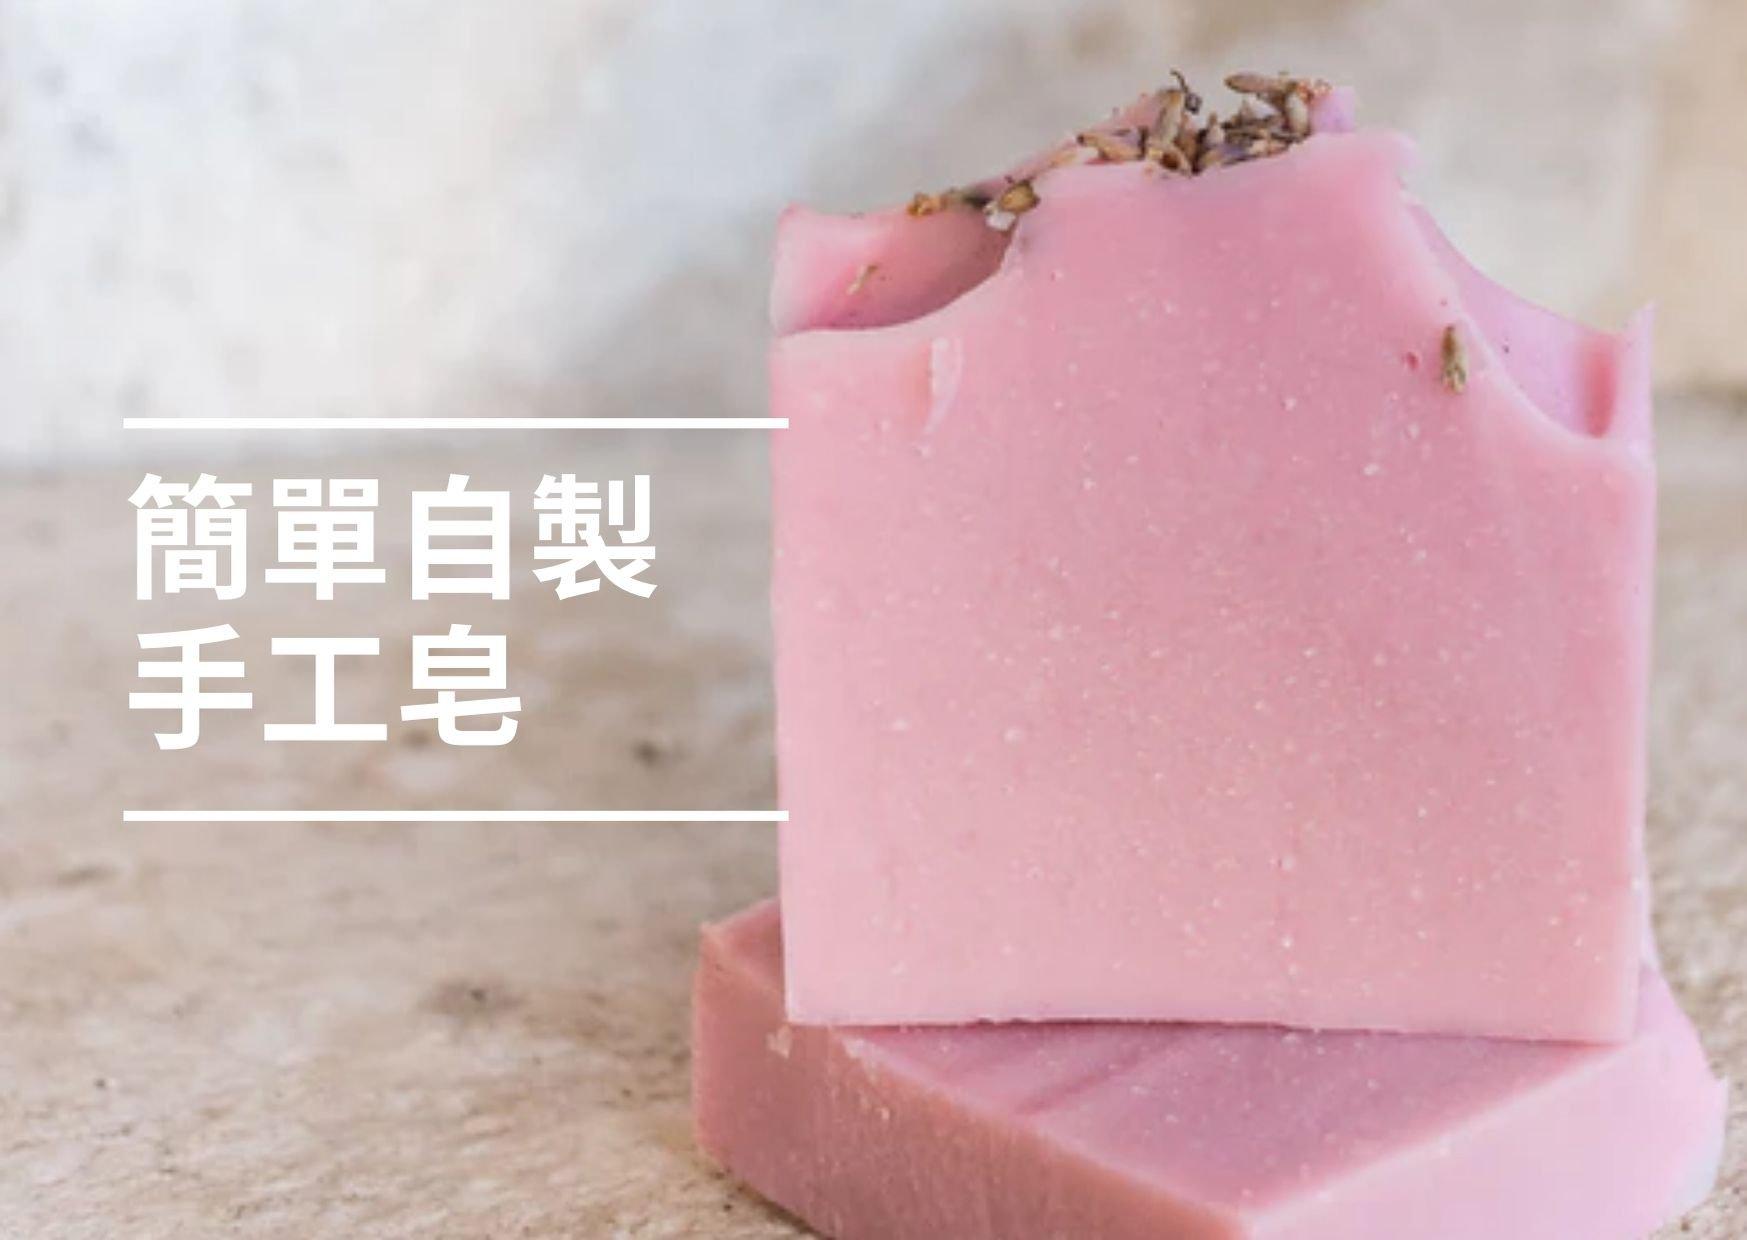 【在家抗疫】教你簡單自製手工皂